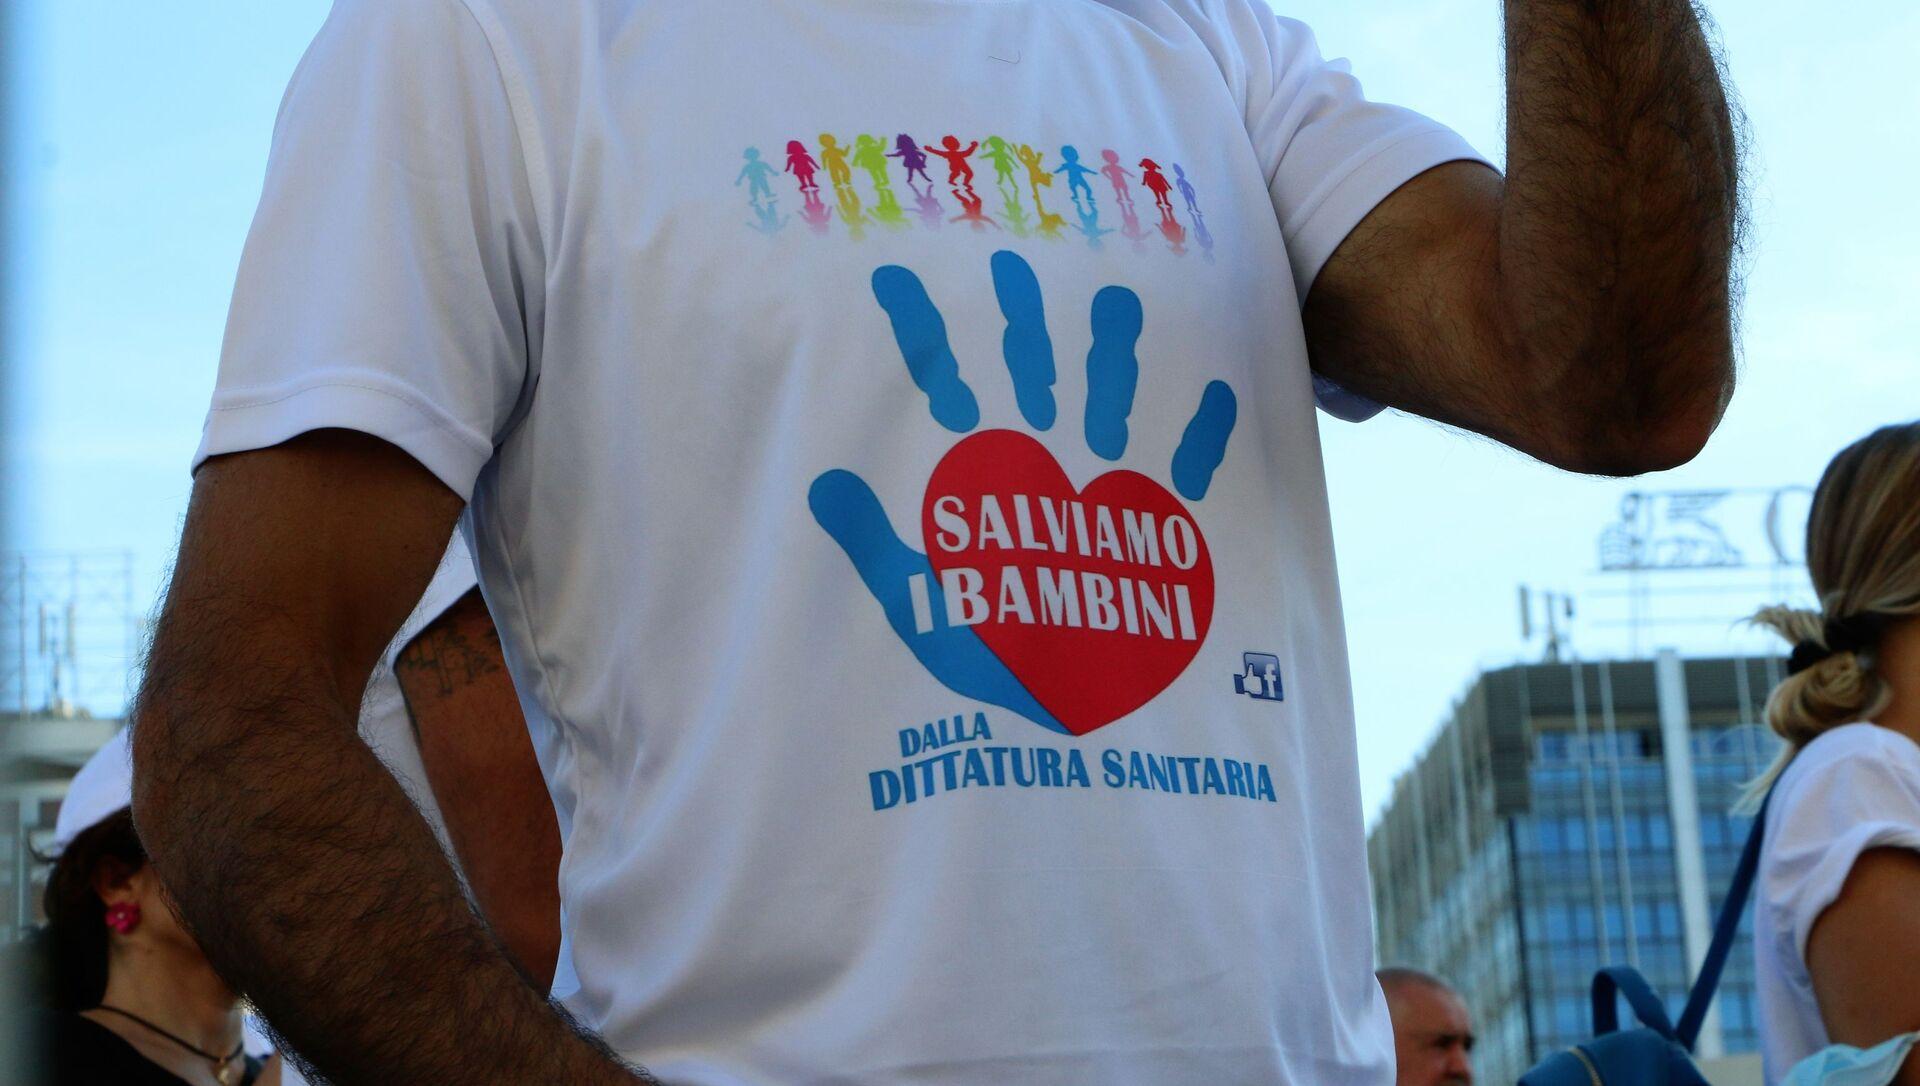 Maglietta salviamo i bambini dalla dittatura sanitaria - Sputnik Italia, 1920, 18.05.2021